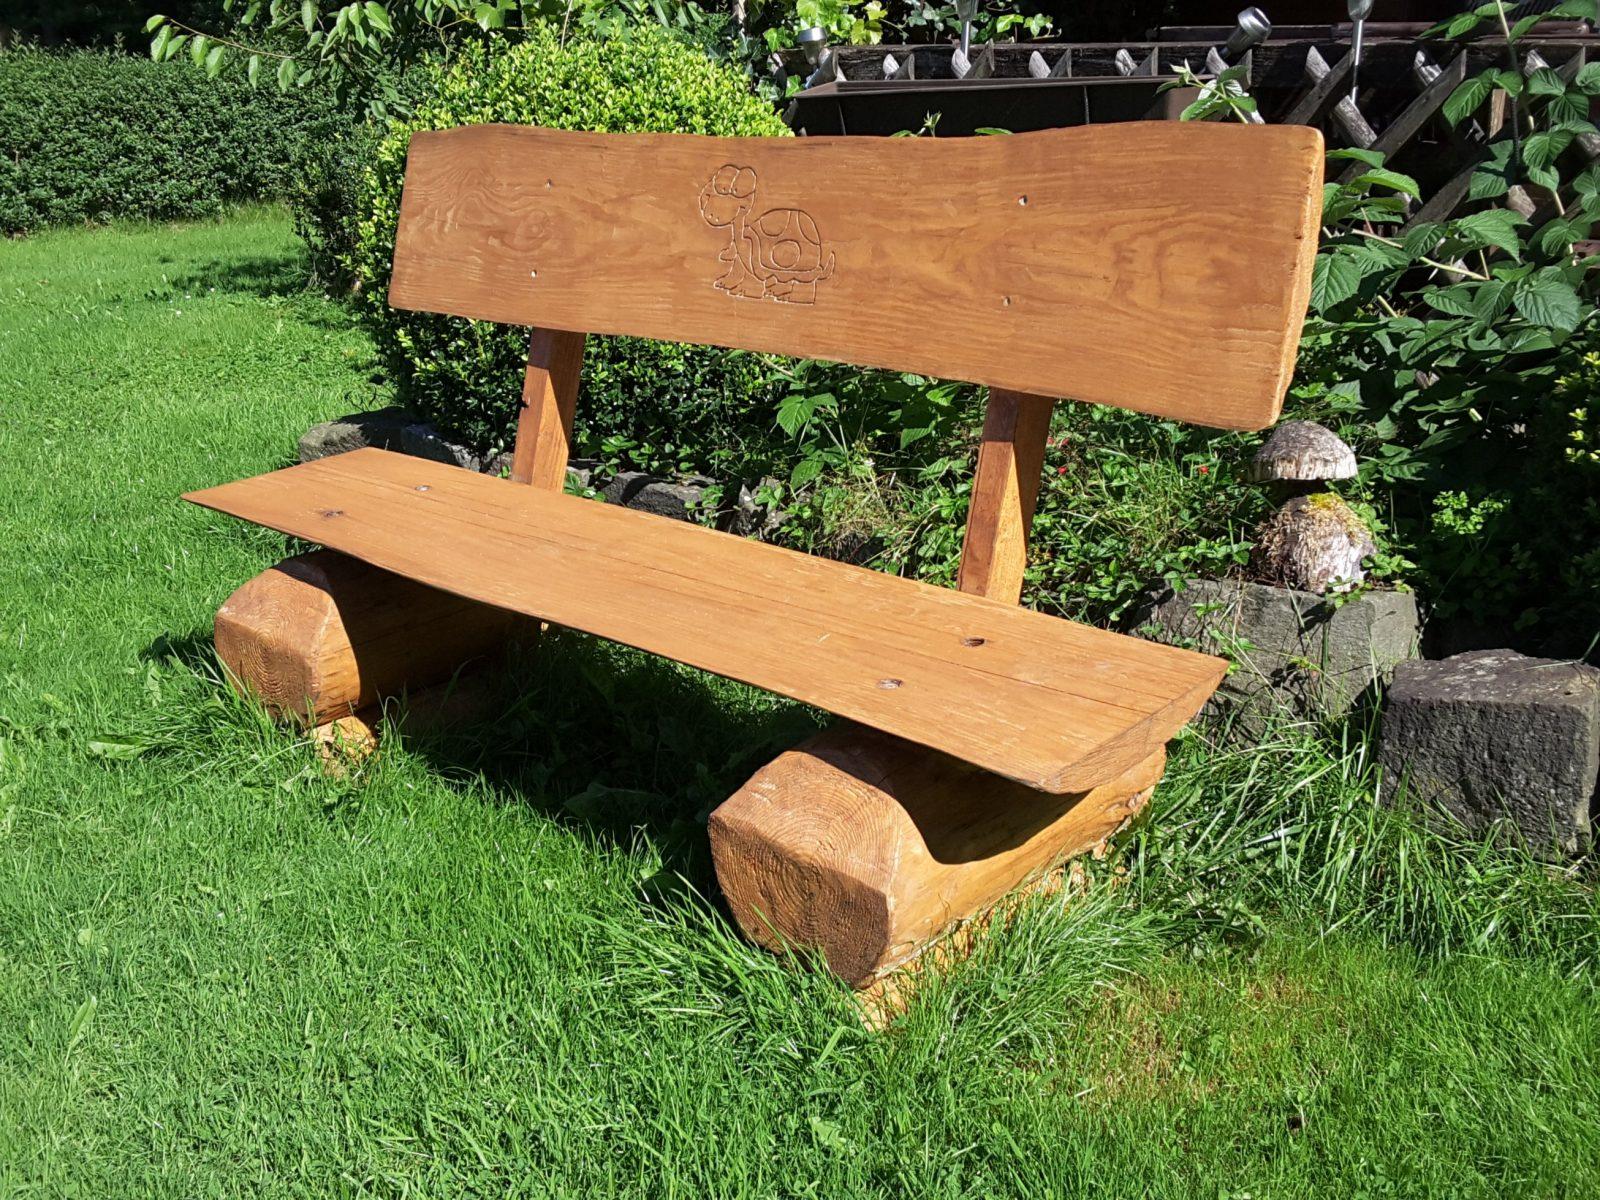 Eine Gartenbank Aus Holz Holzarten Eigenschaften Und Vorteile von Rustikale Gartenbank Aus Baumstämmen Bild